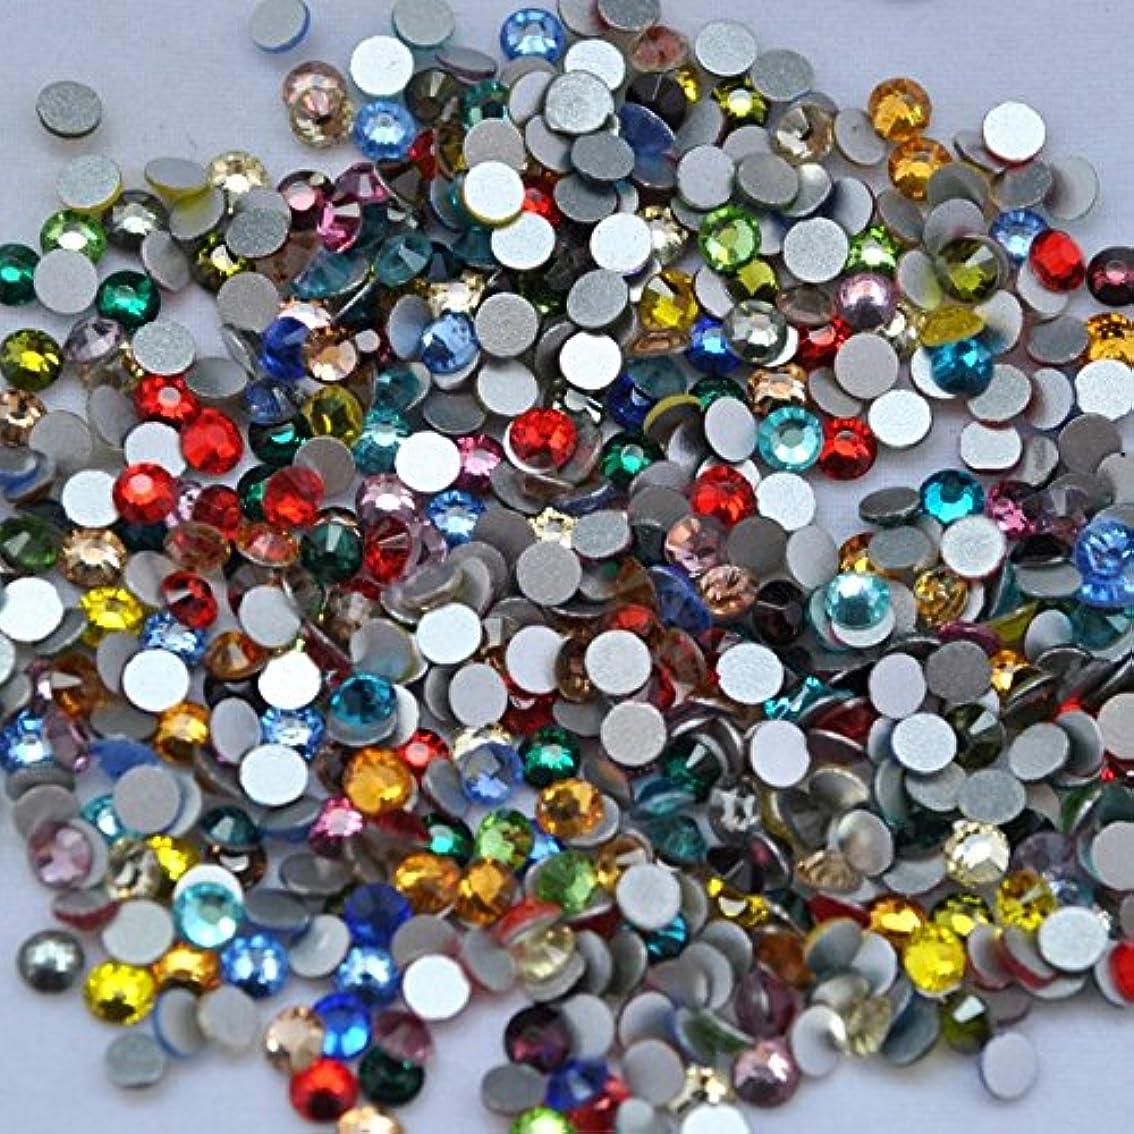 事前に比類なきちらつきガラス製 15色以上ミックス ラインストーン 各サイズ選択可能 (1.2mm (SS3) 約1440粒) [並行輸入品]